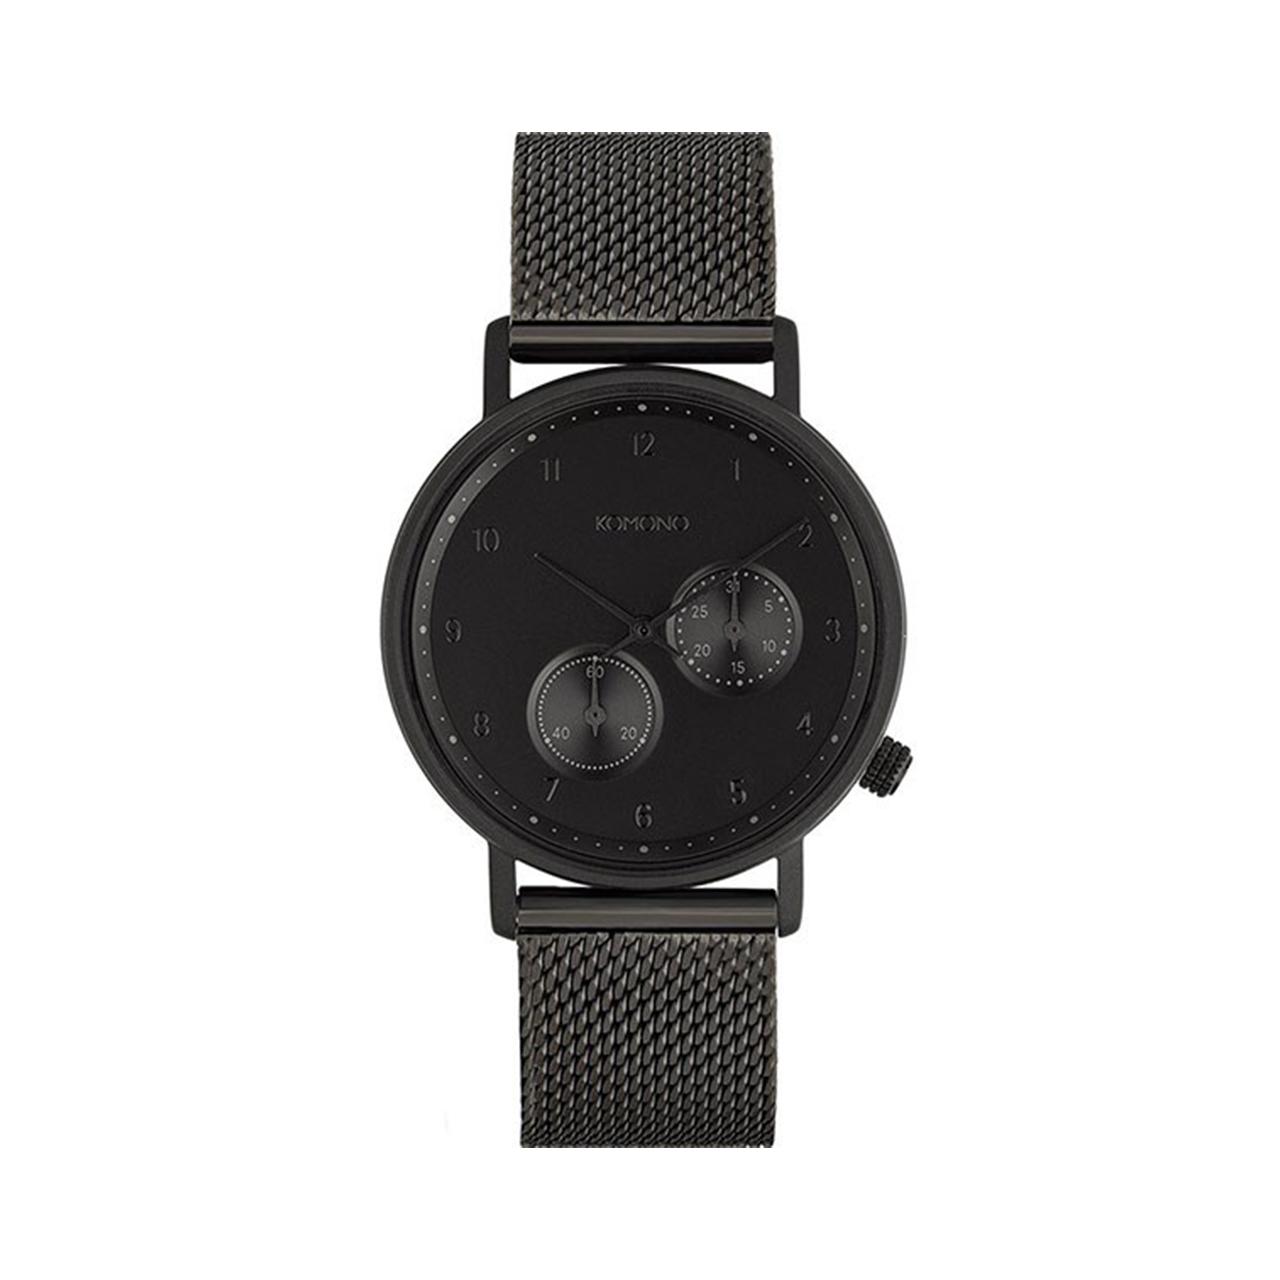 ساعت مچی عقربه ای کومونو مدل Walther Black Mesh